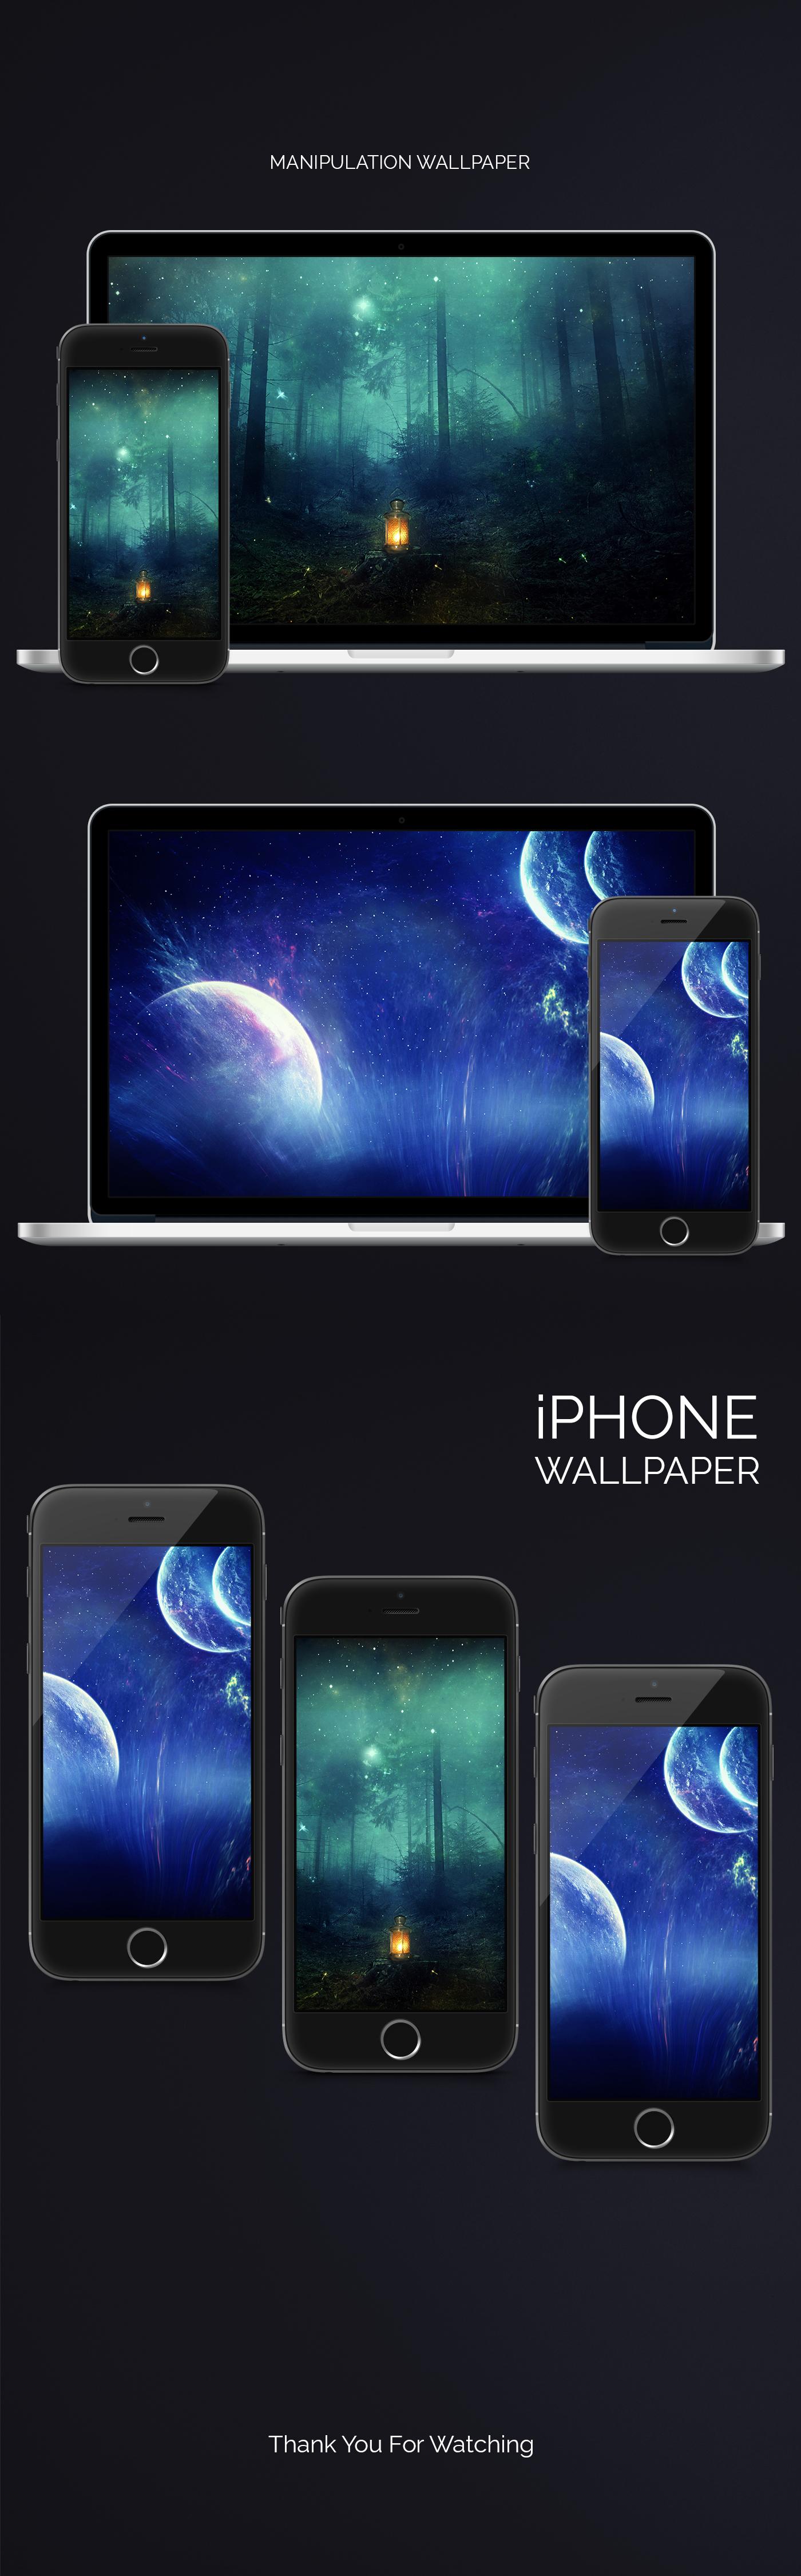 wallpaper iphone macbook